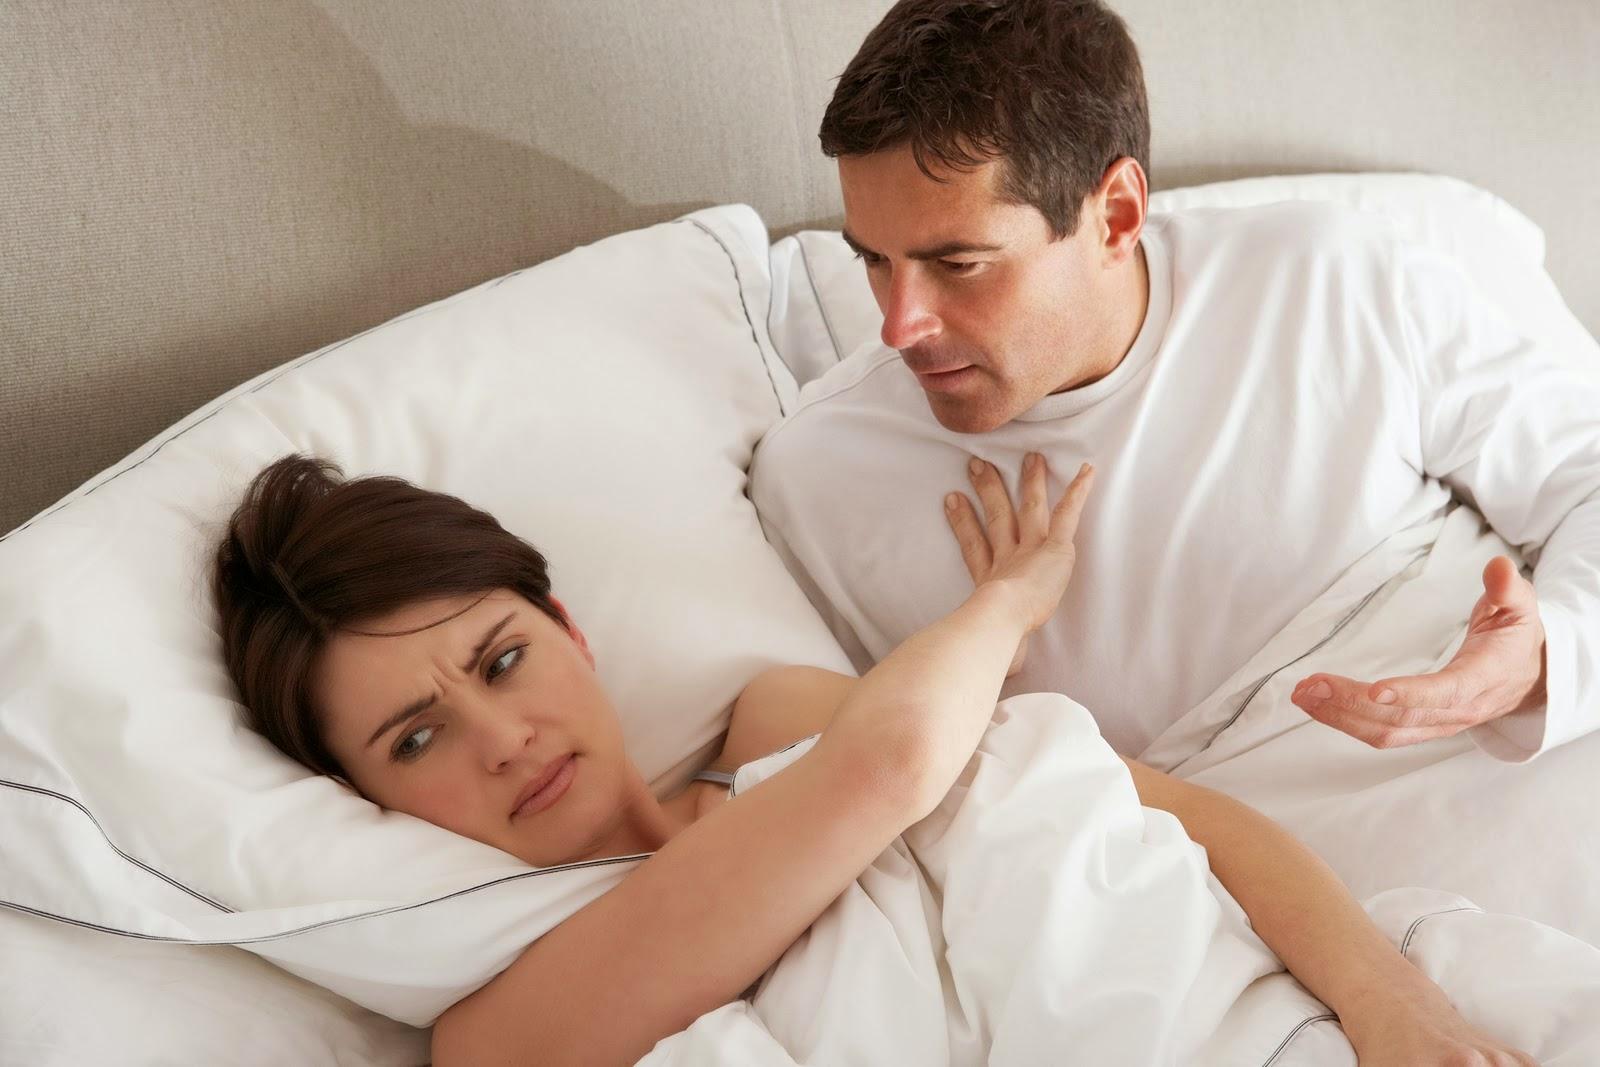 sindrom-seksualnoy-neudachi